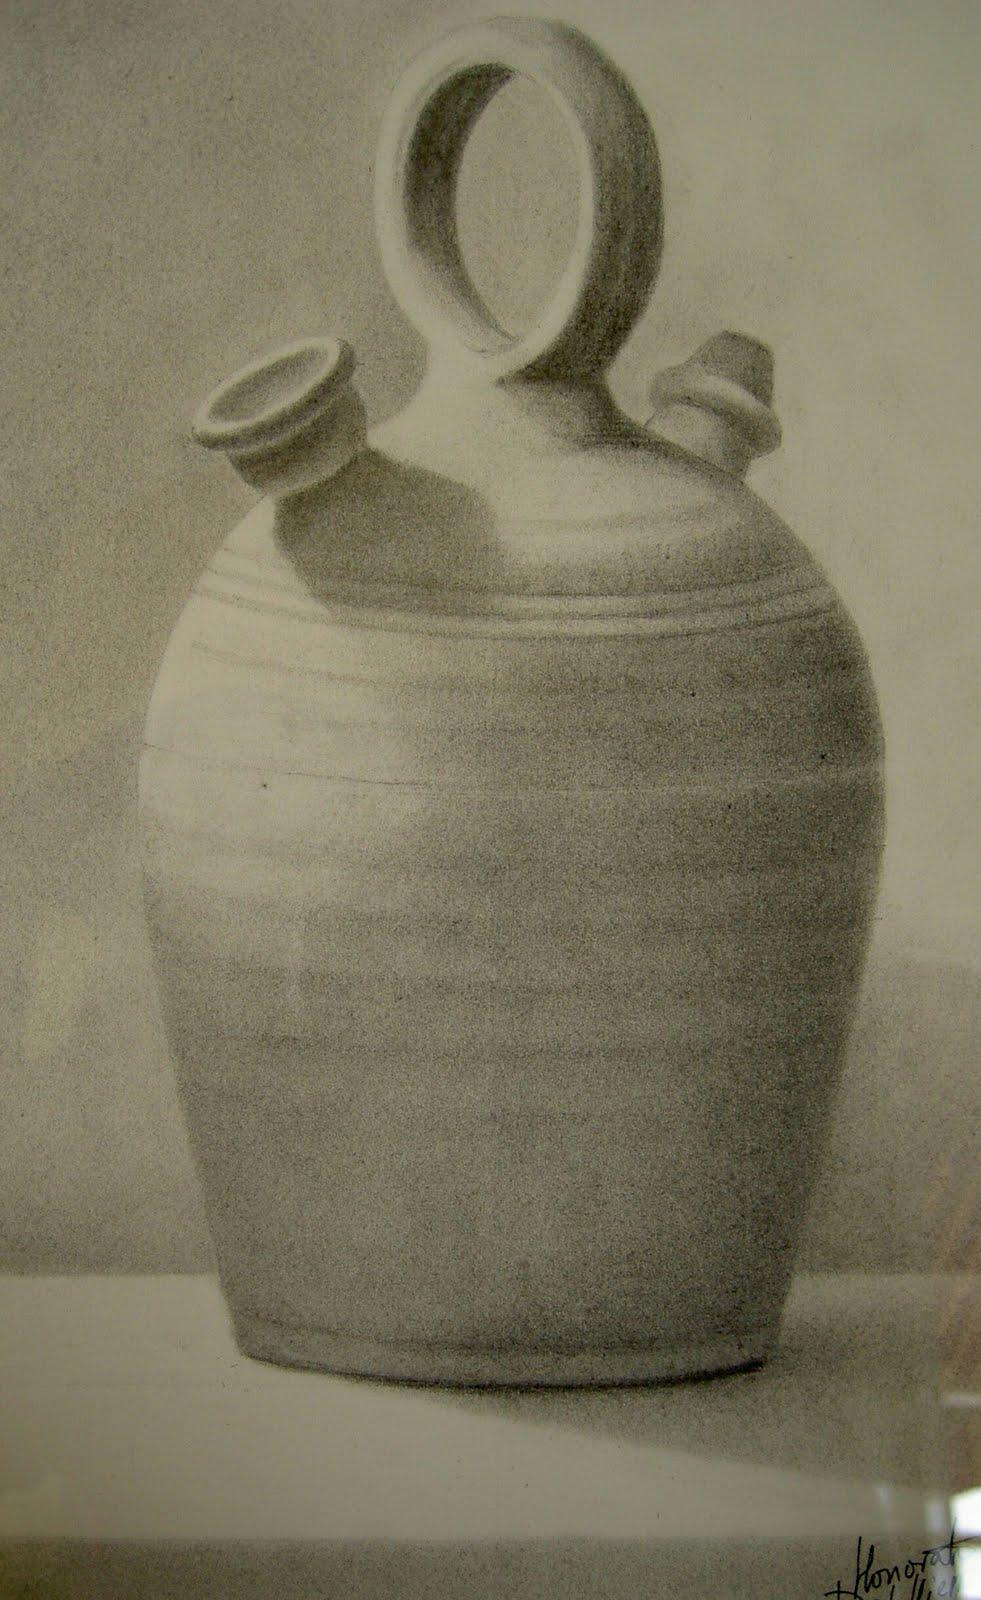 Acuarelas de honorato del hierro jarra de barro del natural - Botijo de barro ...